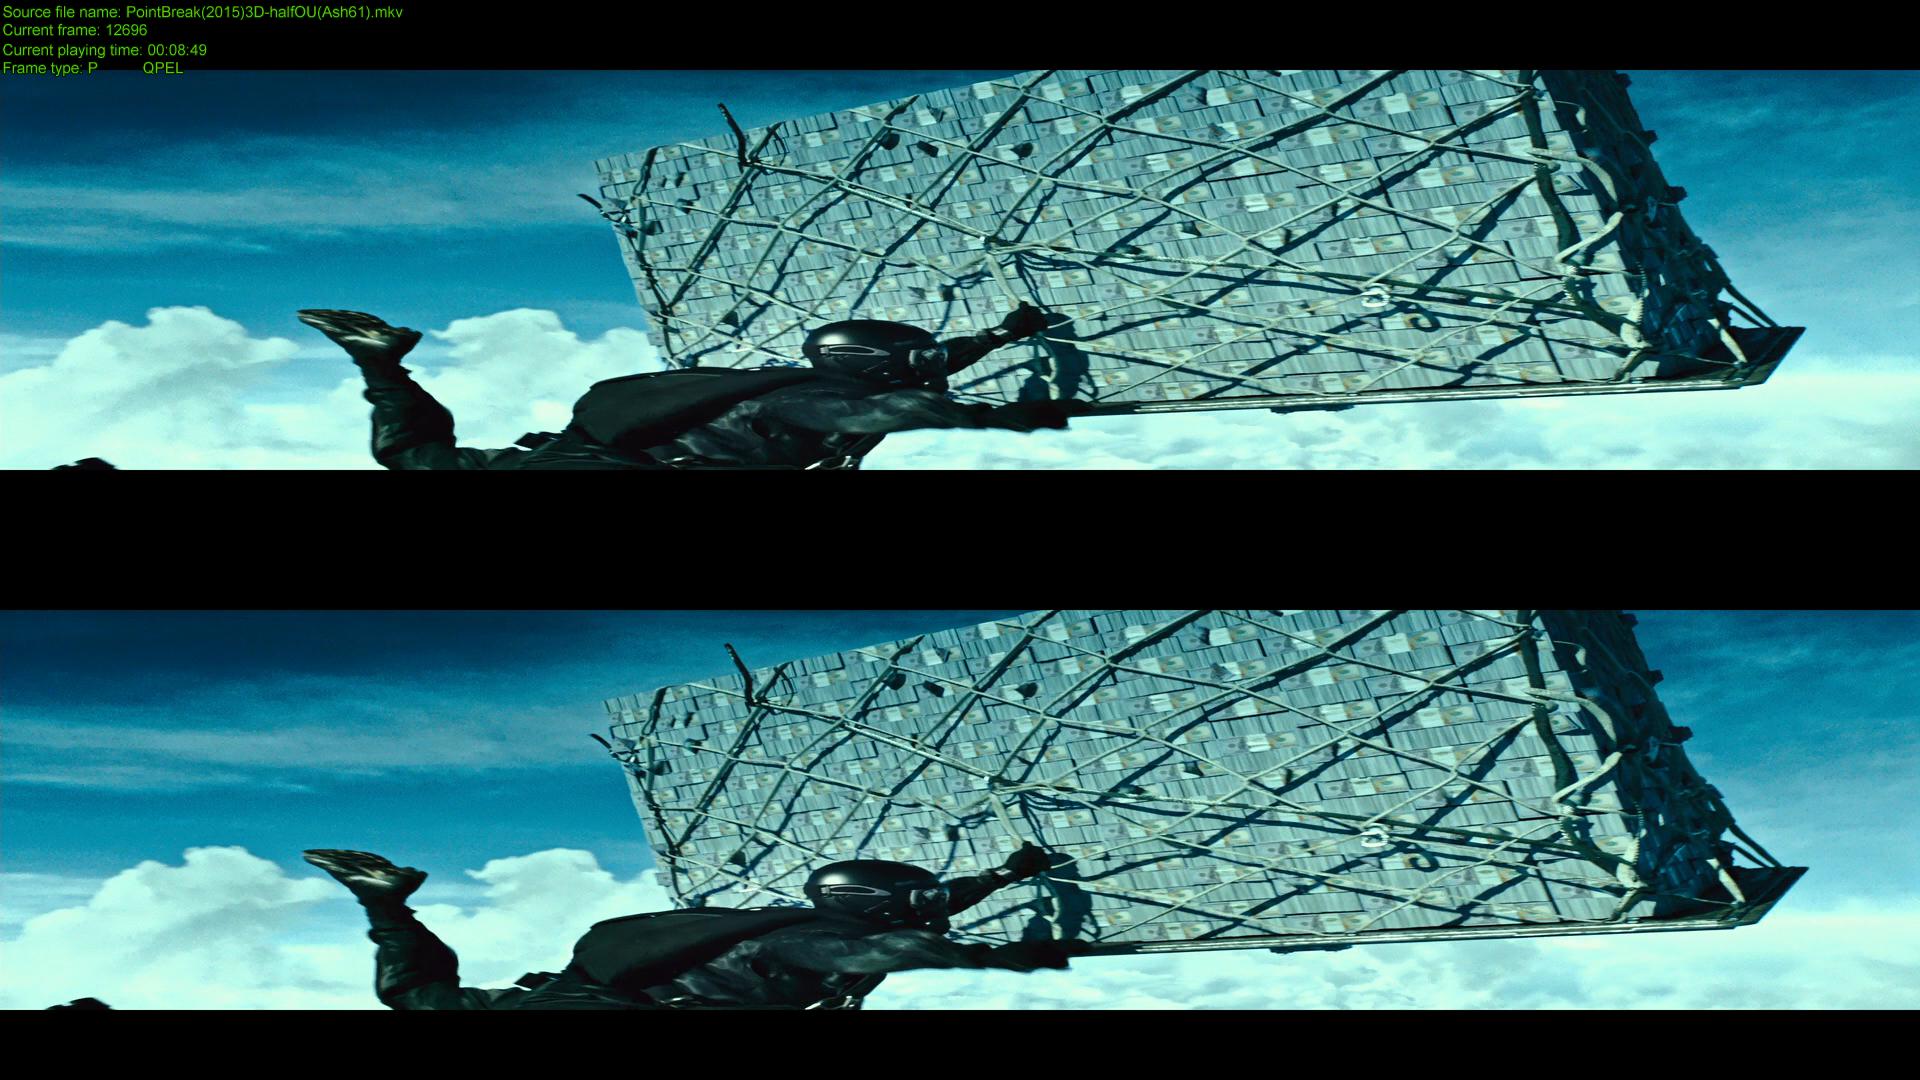 На гребне волны (2015) скачать торрент бесплатно без регистрации.